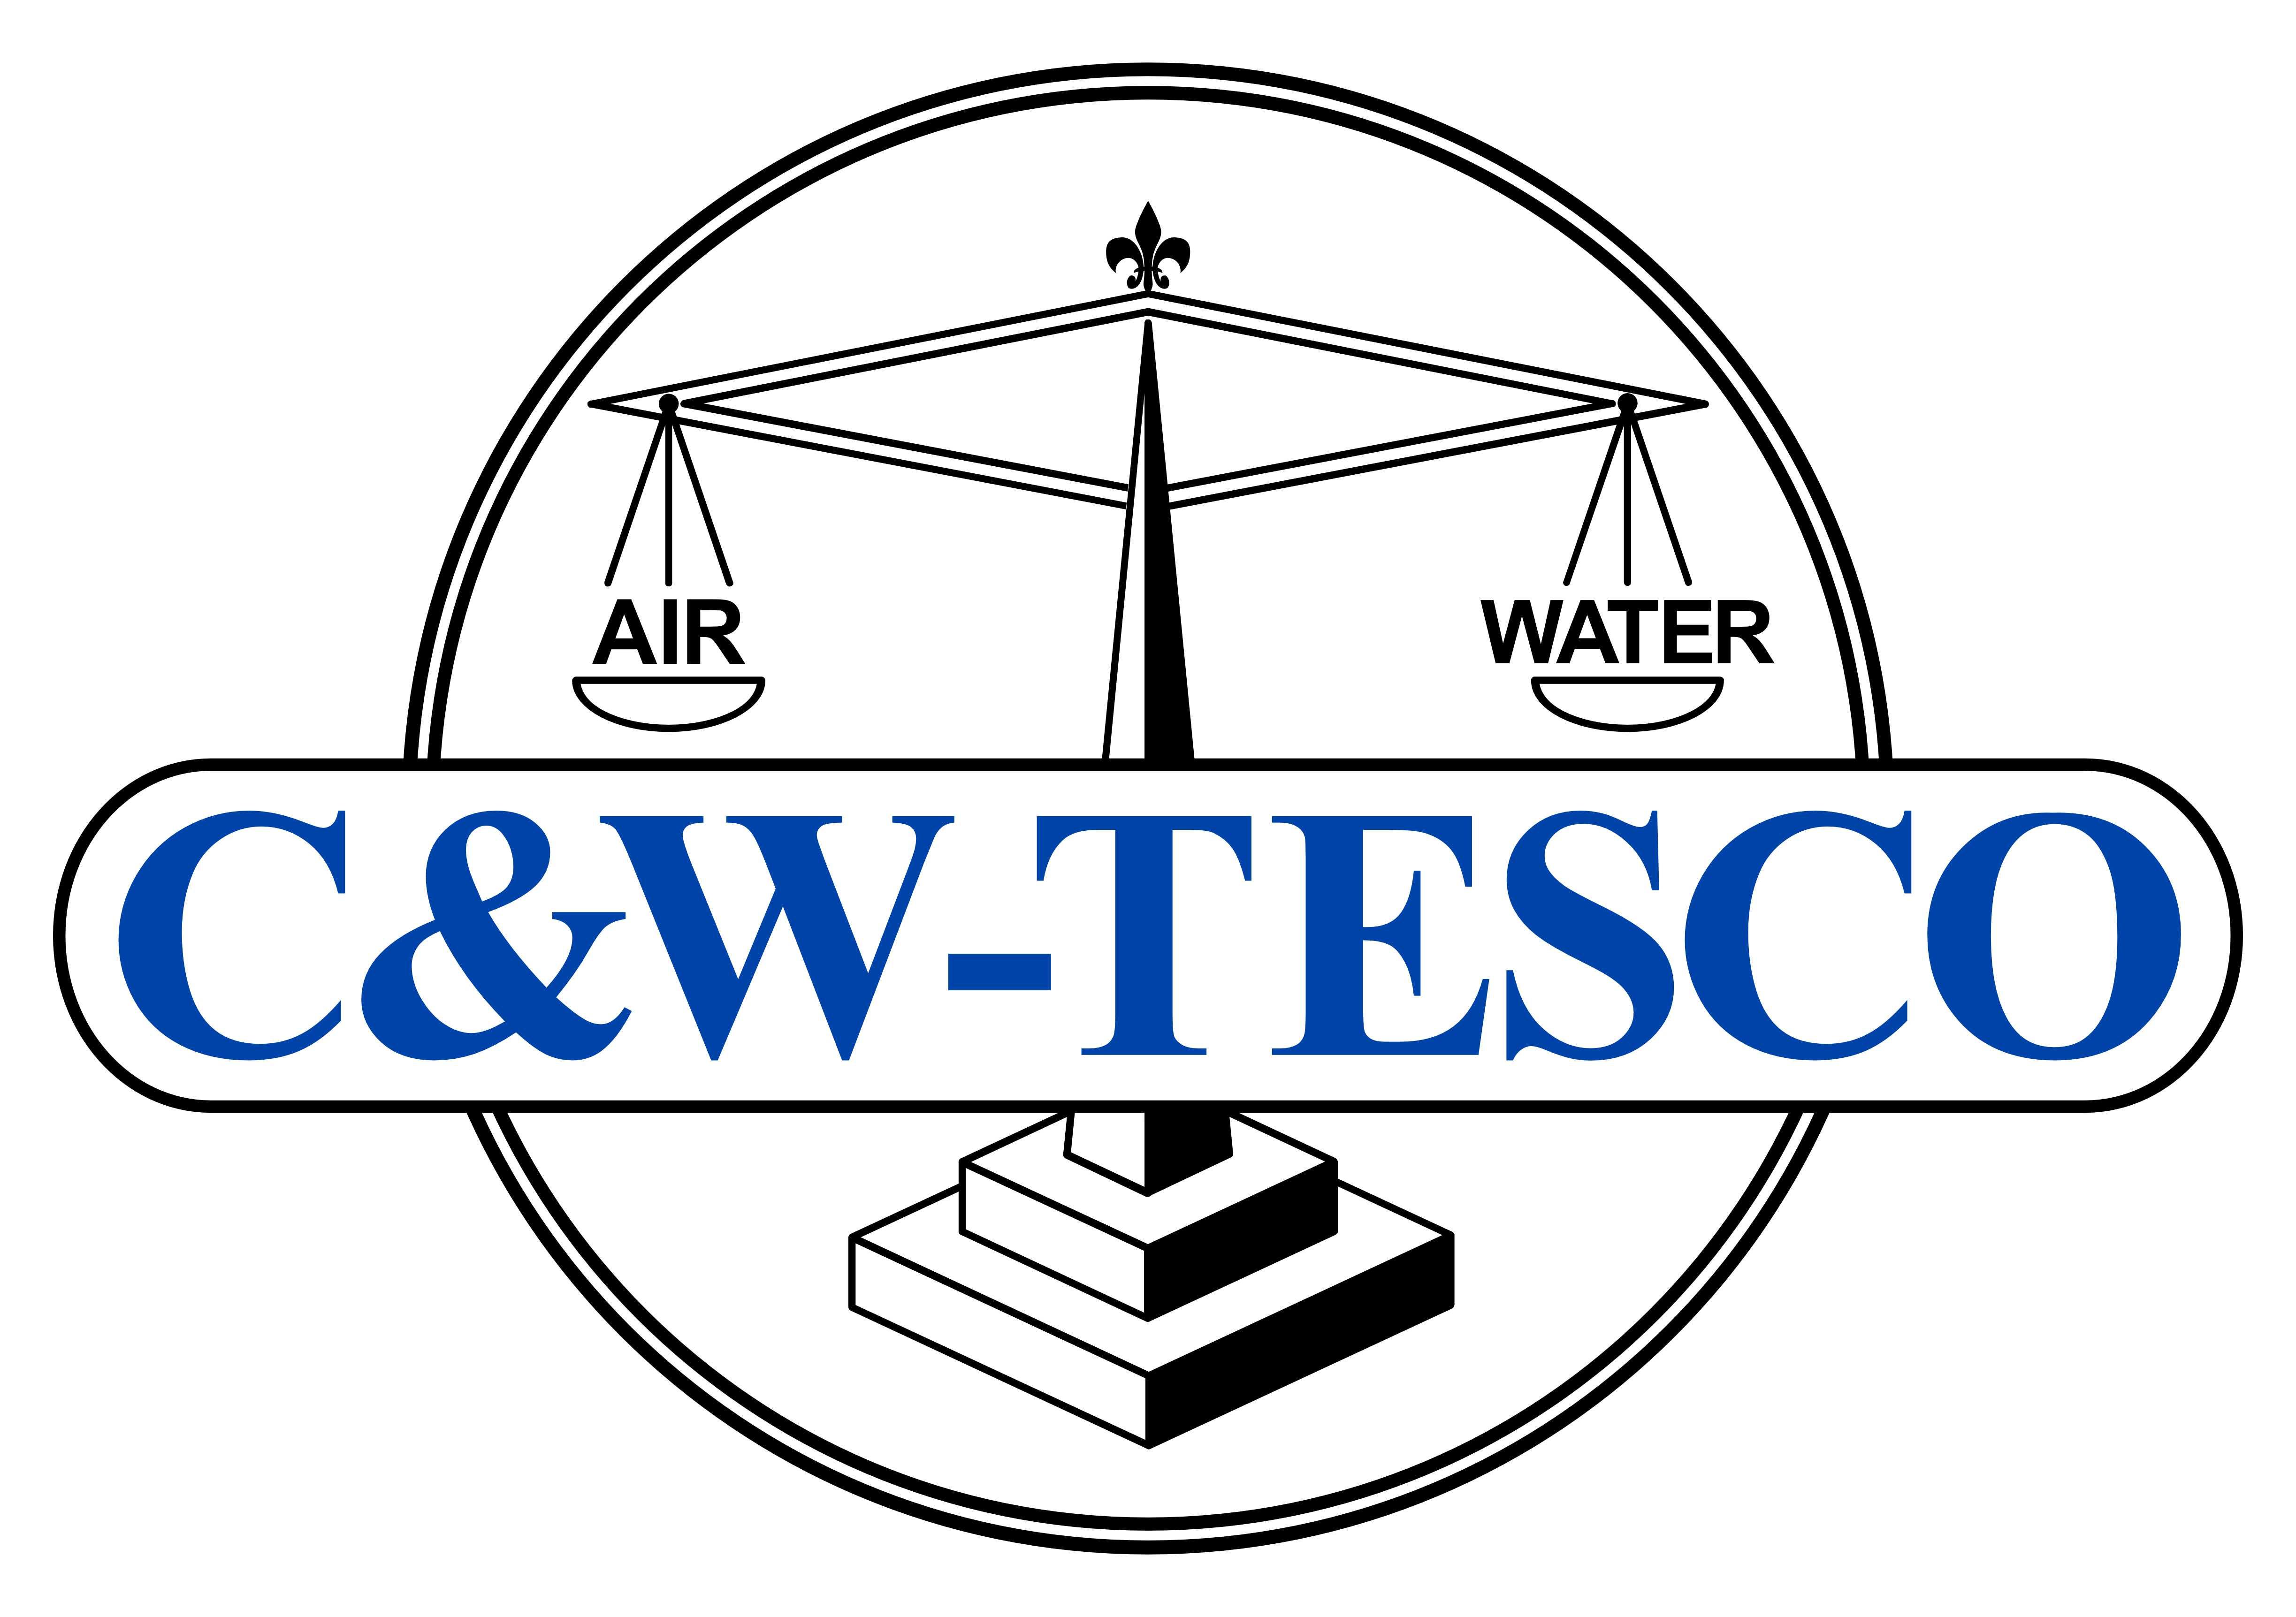 C&W Tesco